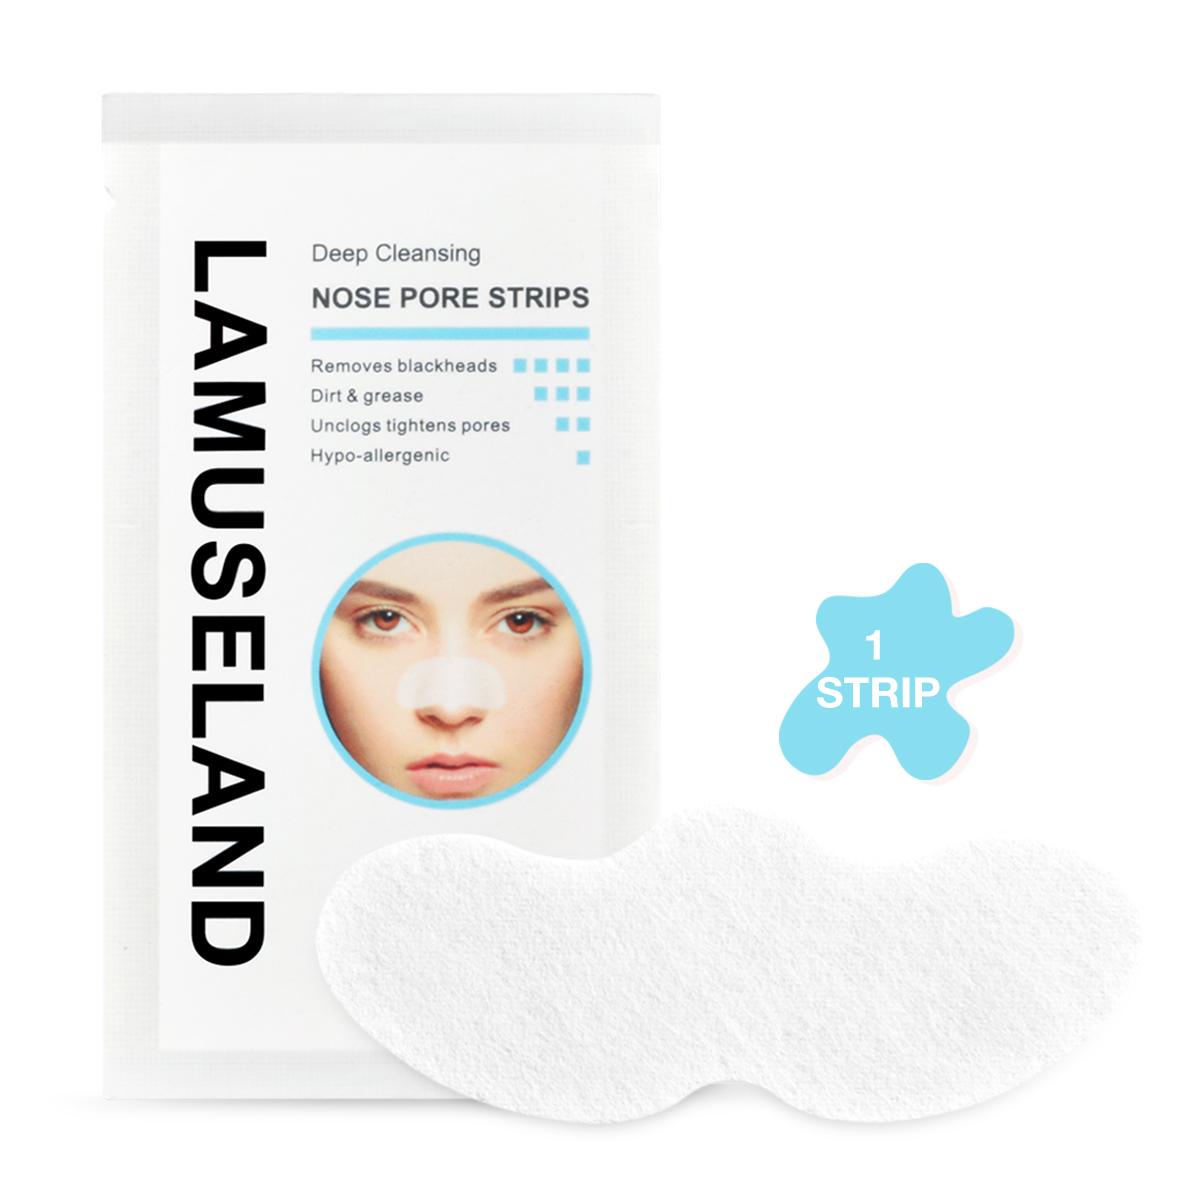 拉慕絲蘭 深層清潔鼻孔 去黑頭粉刺 清潔面膜 LA8001